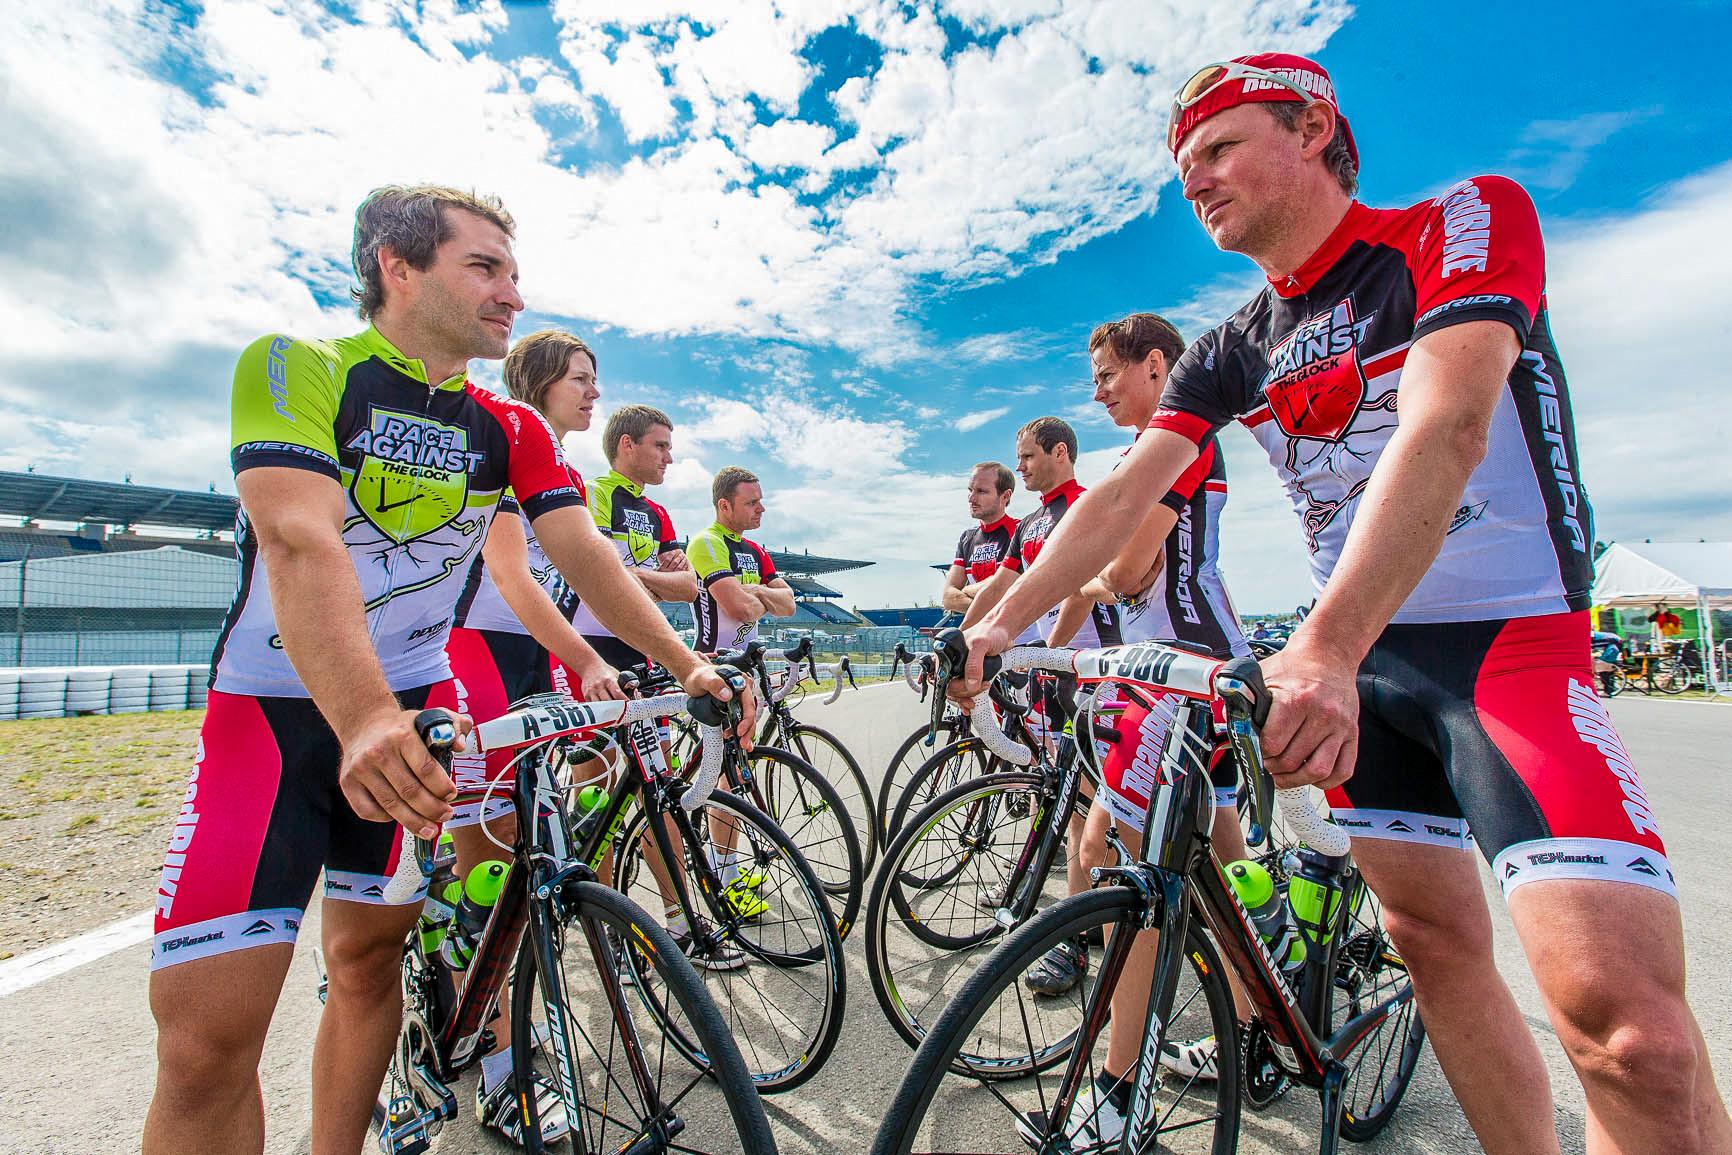 Timo Glock und ich sind die Kapitäne von zwei Viererteams, die bei Rad am Ring 24 Stunden lang gegeneinander antreten.